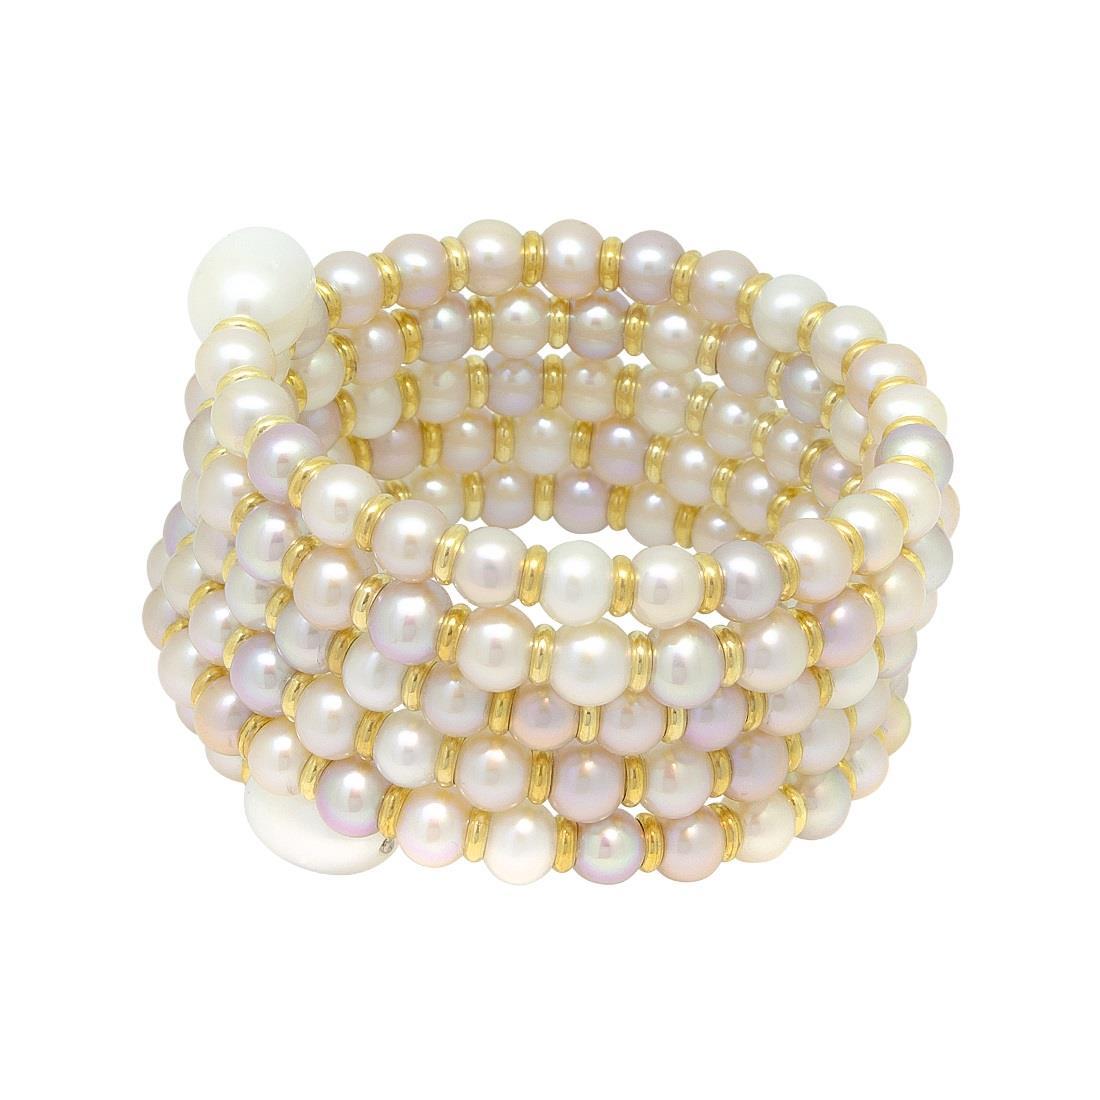 Bracciale semirigido a spirale di perle - ROBERTO DEMEGLIO